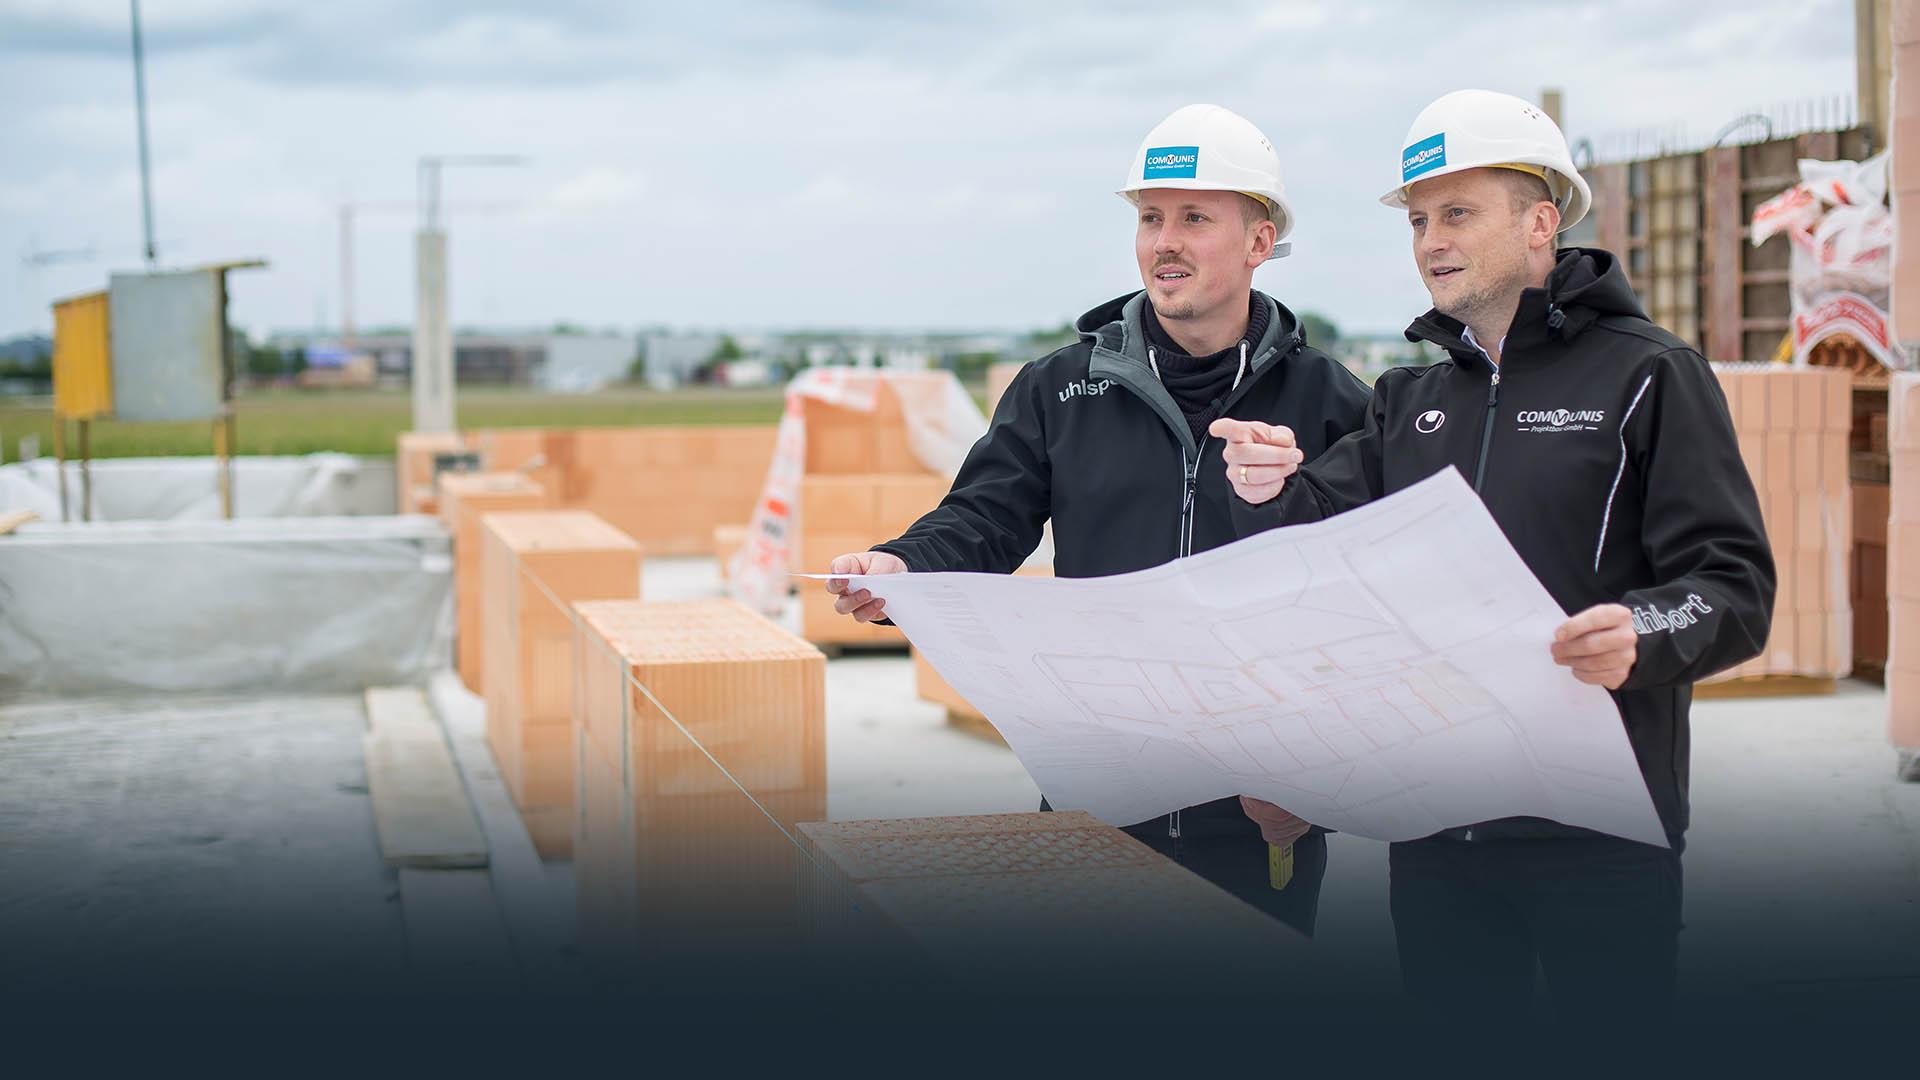 Communis Projektbau - heimatverbundenes mittelständisches Bauunternehmen aus Schwabmünchen für Hausbau, Wohnungsbau & Immobilien